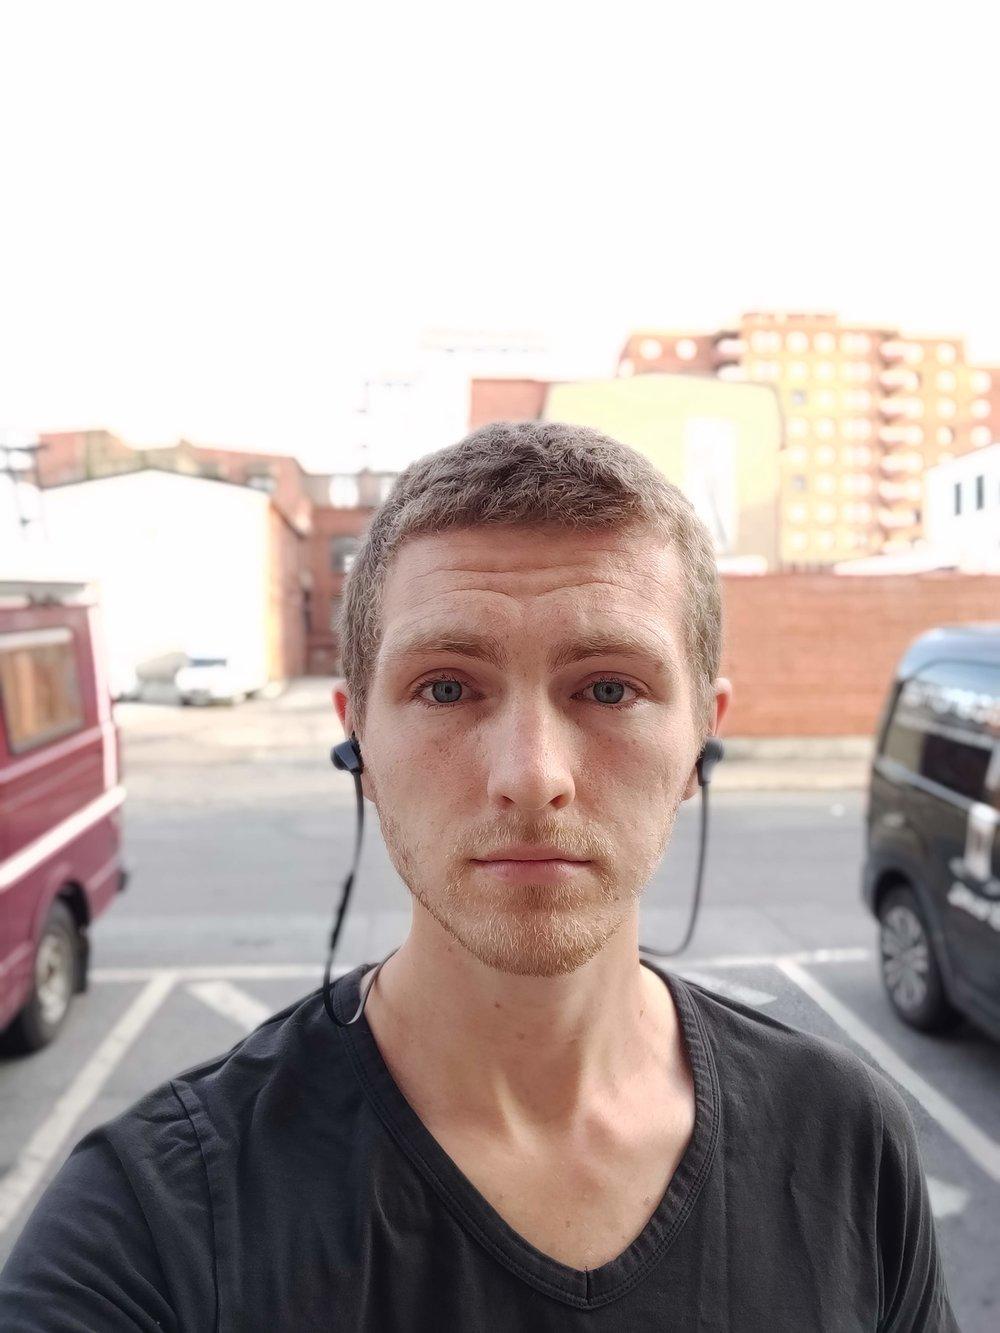 OnePlus bokeh selfie.jpg